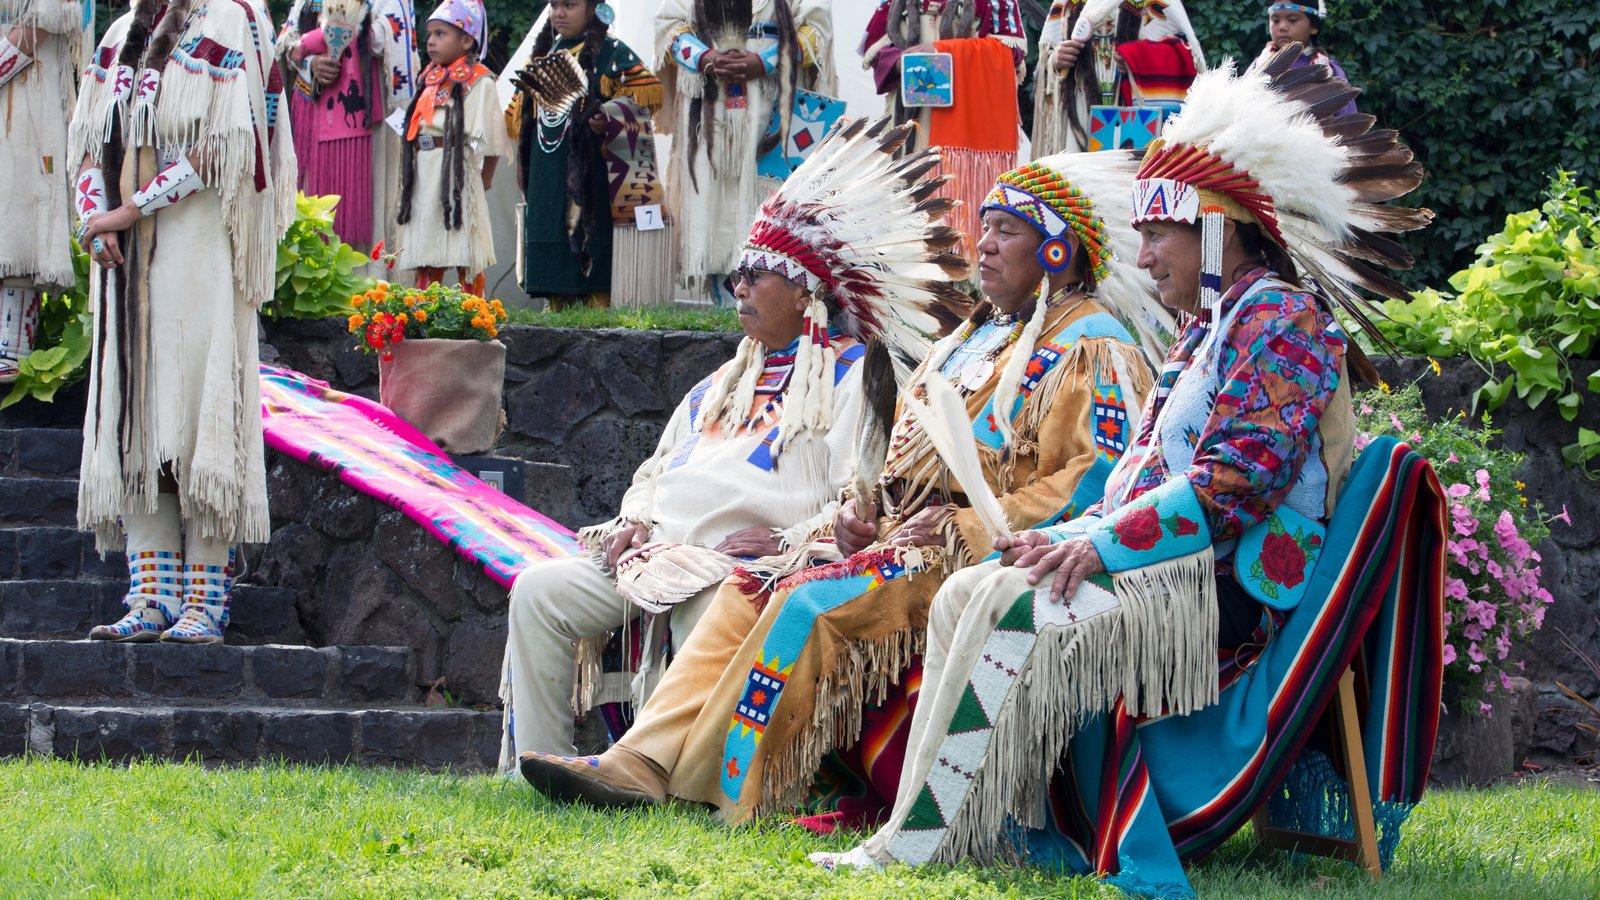 Pendleton que incluye cultura indígena y también un pequeño grupo de personas